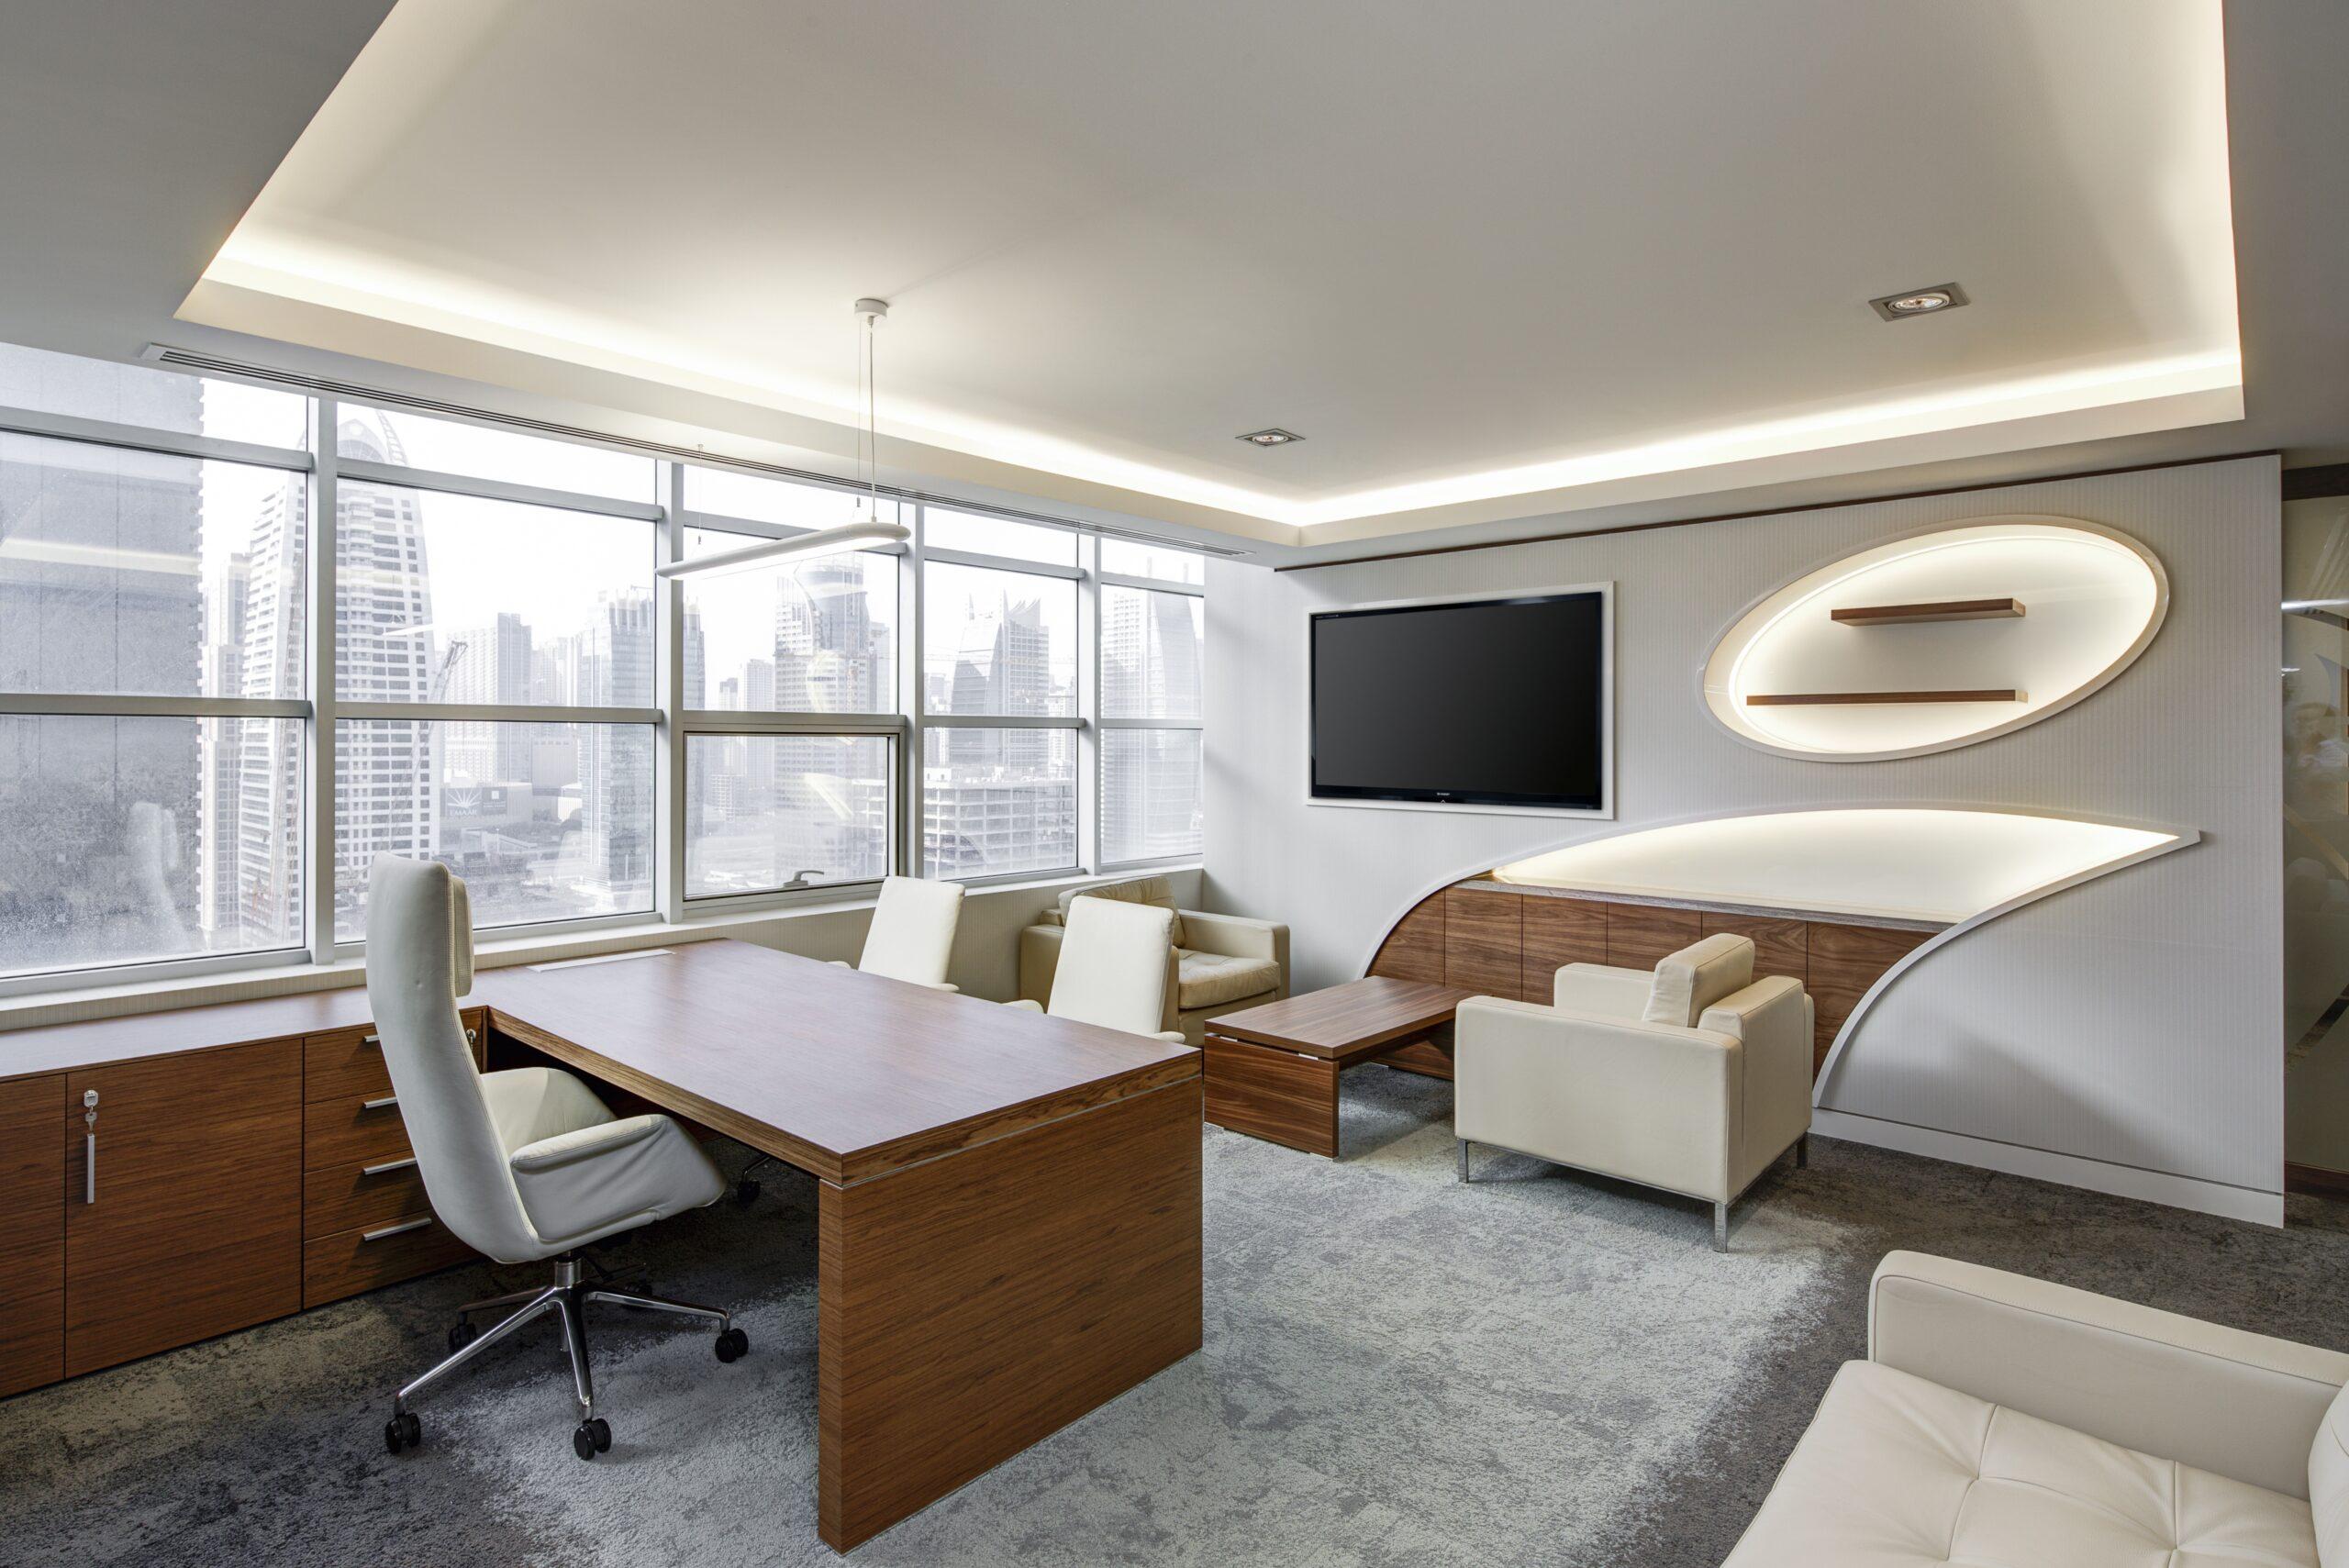 オフィスデザインが離職、採用に大きく関わる理由